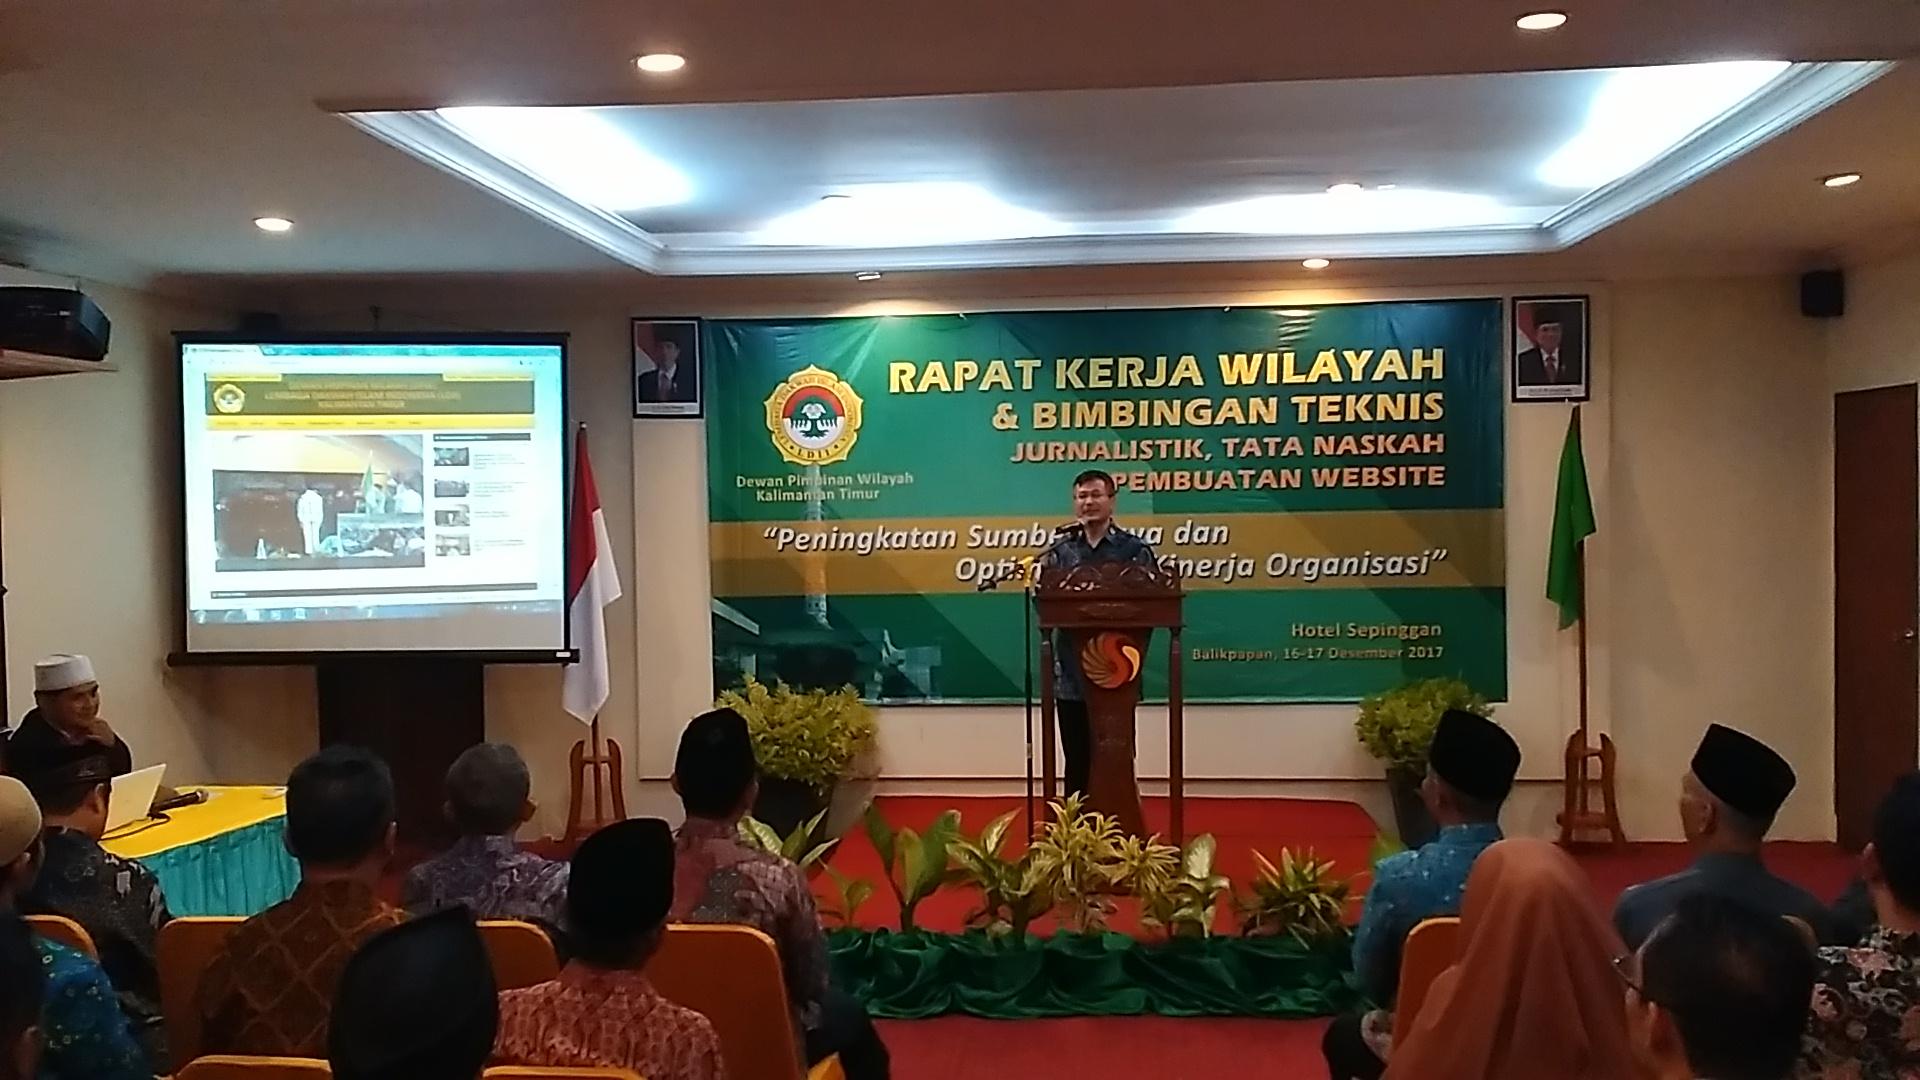 Ketua DPW LDII Kalimantan Timur Prof Dr Ir Krishna Purnawan Candra memberi sambutan Rakerwil 2017 sekaligus meresmikan situs resmi http://kaltim.ldii.or.id, Sabtu (16/12/2017) . Foto: LINES